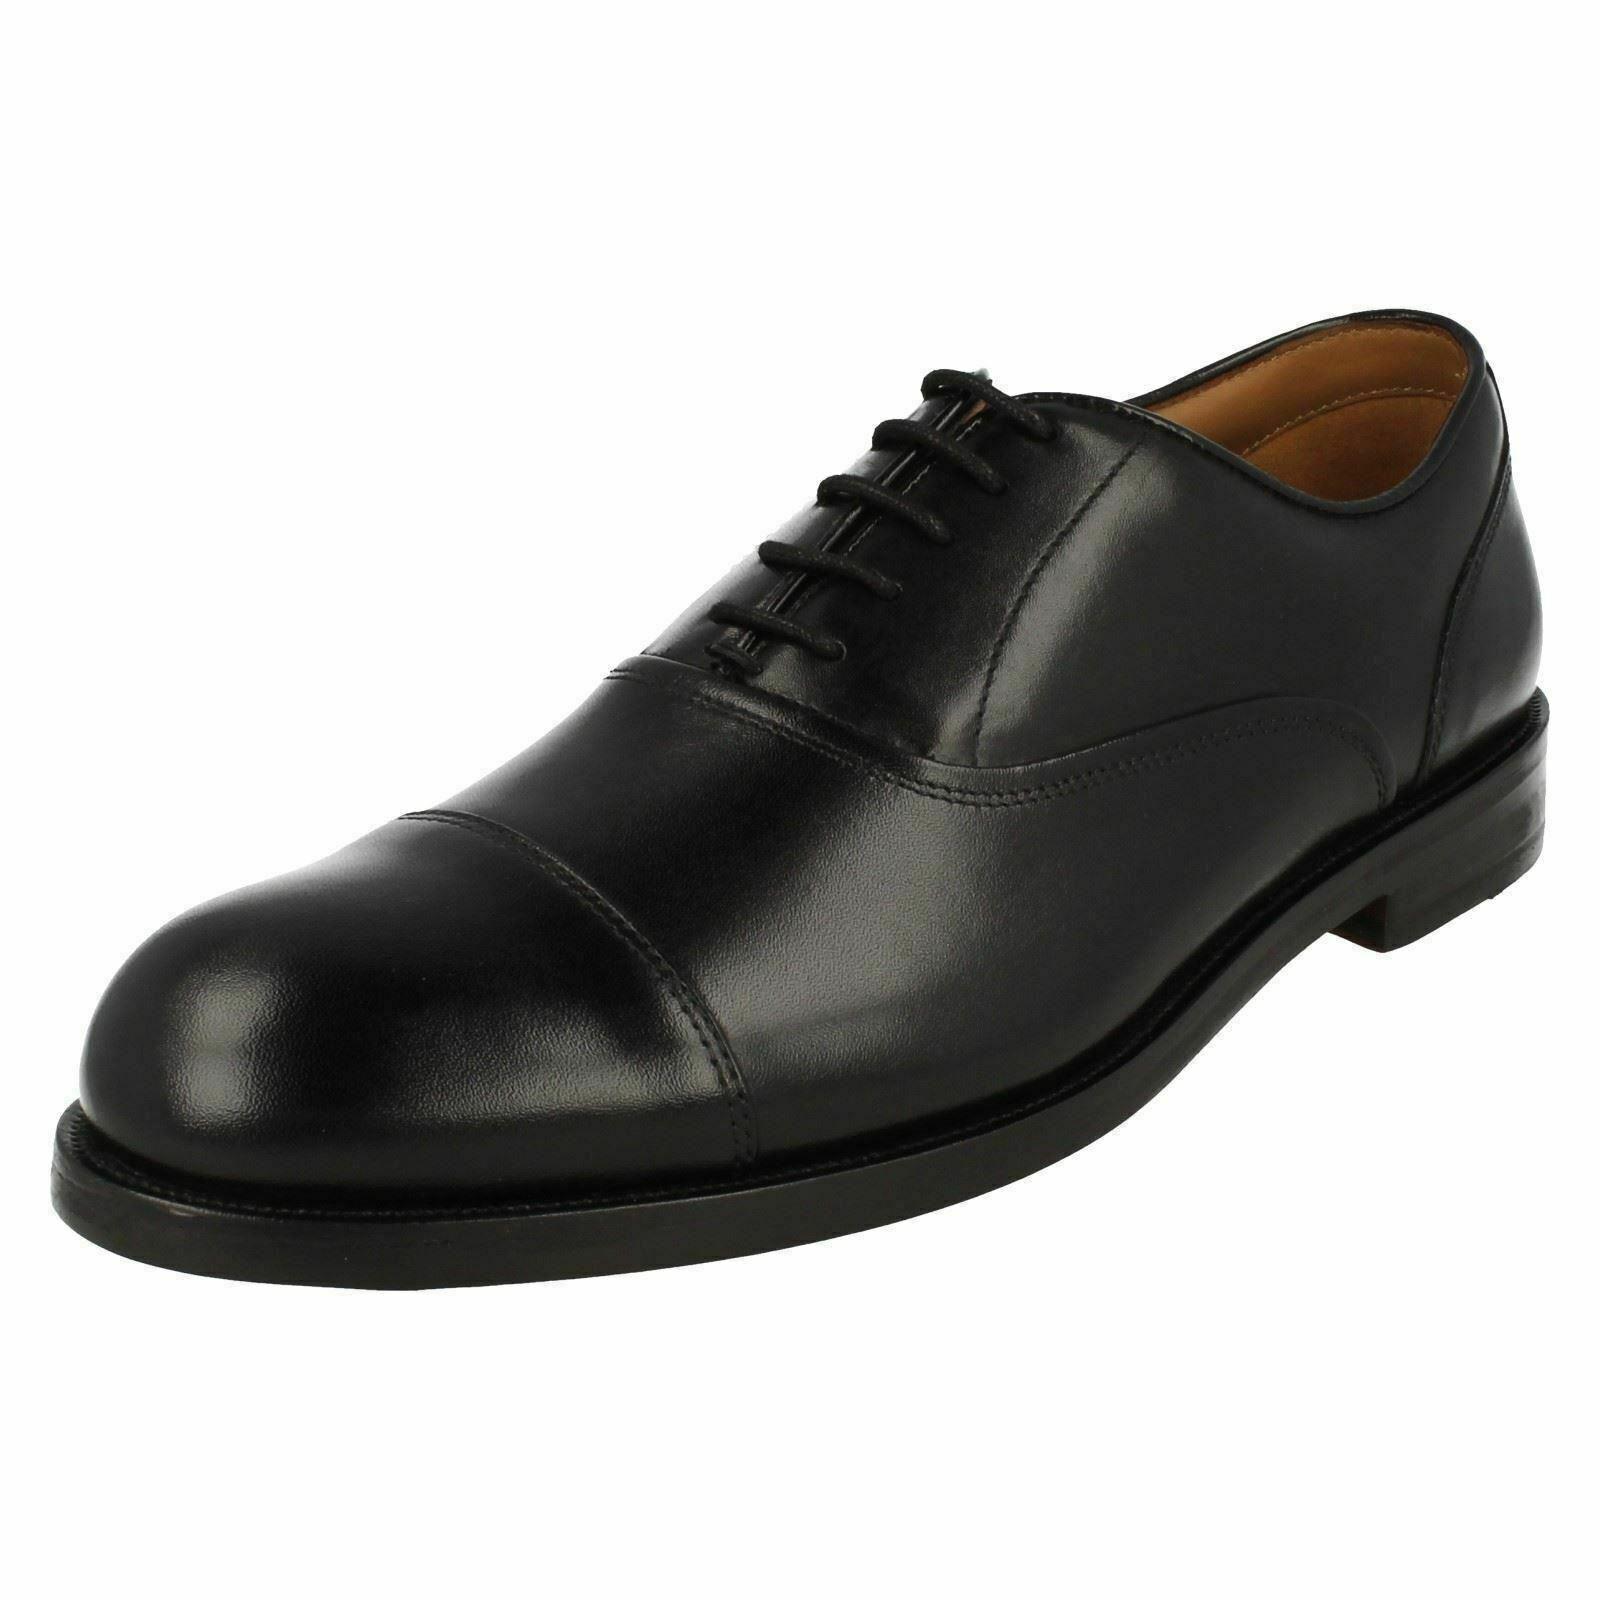 Puntera De Cuero Para Hombre CLARKS Smart Formales Oxford Con Cordones Zapatos Coling BOSS Tamaño